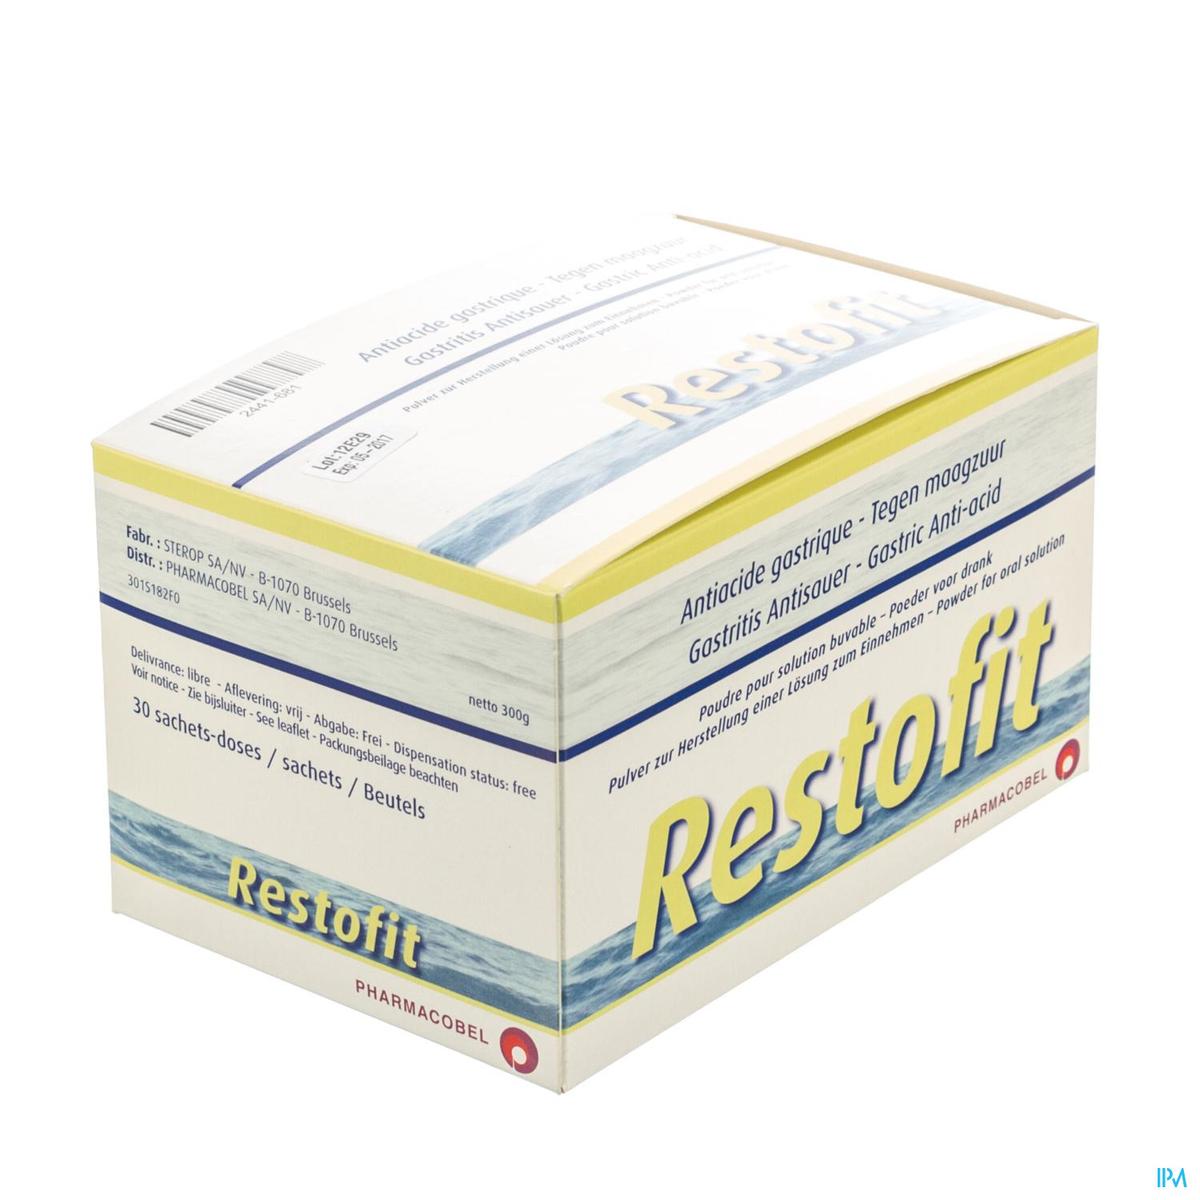 Restofit Poudre pour Solution Buvable 30 Sachets   Acidité ...